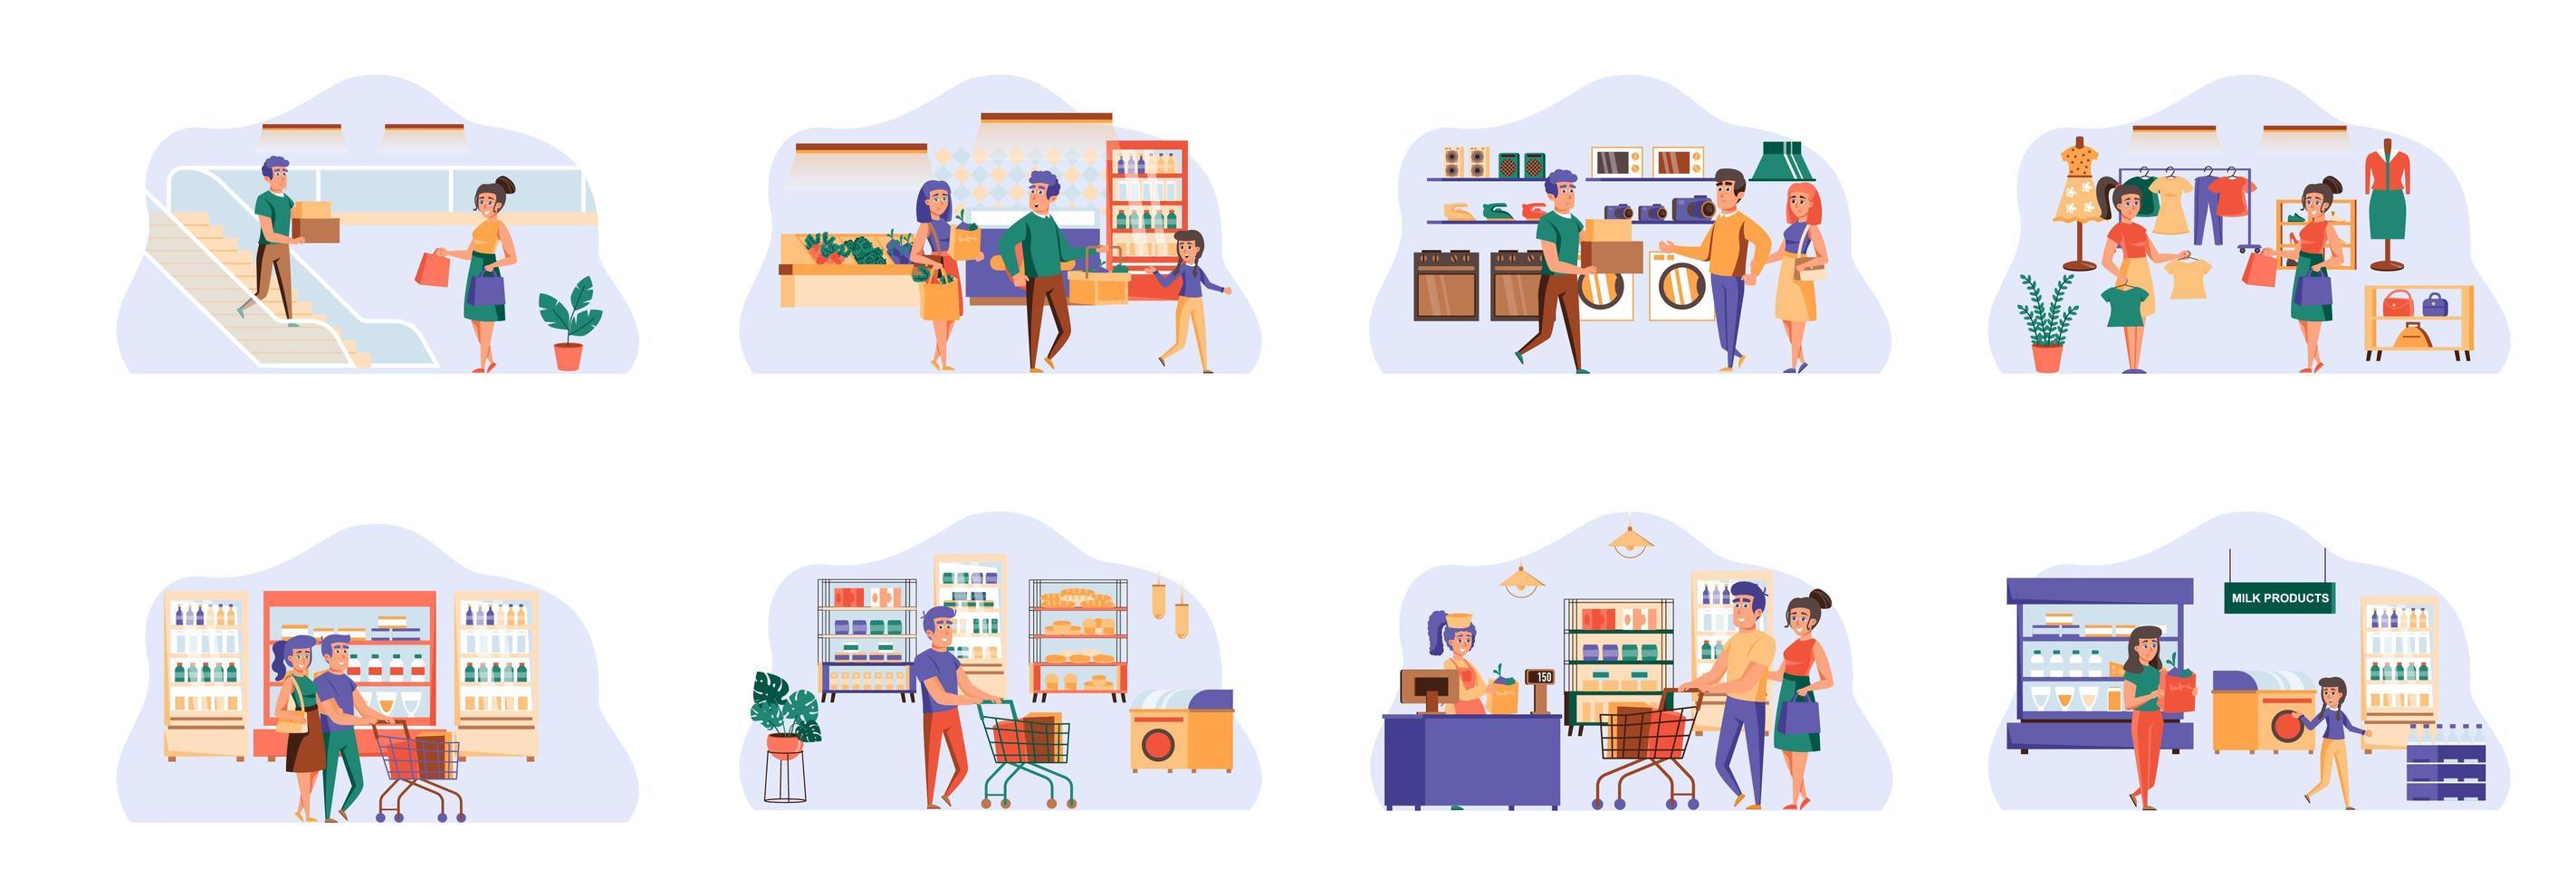 paquete de compras de escenas con personajes de personas planas. vector